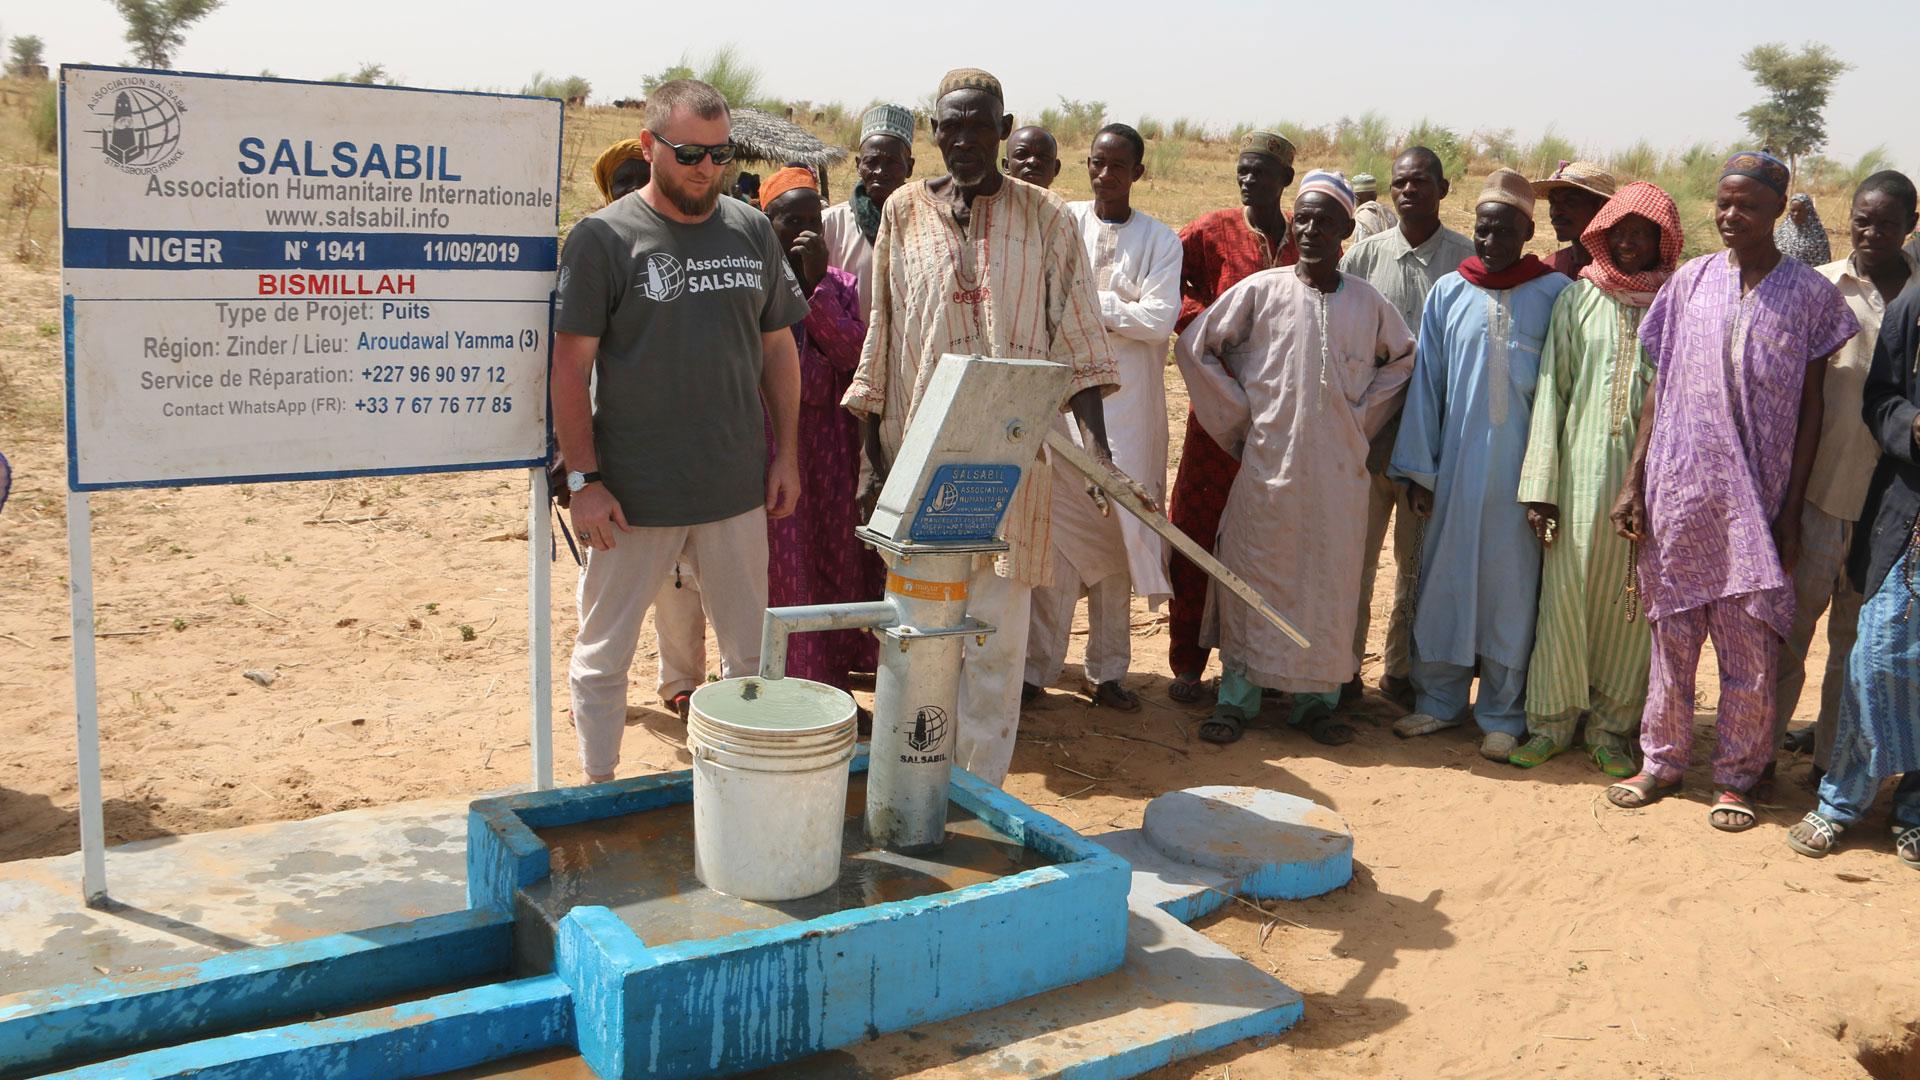 Nos puits au Niger à 1250 € !